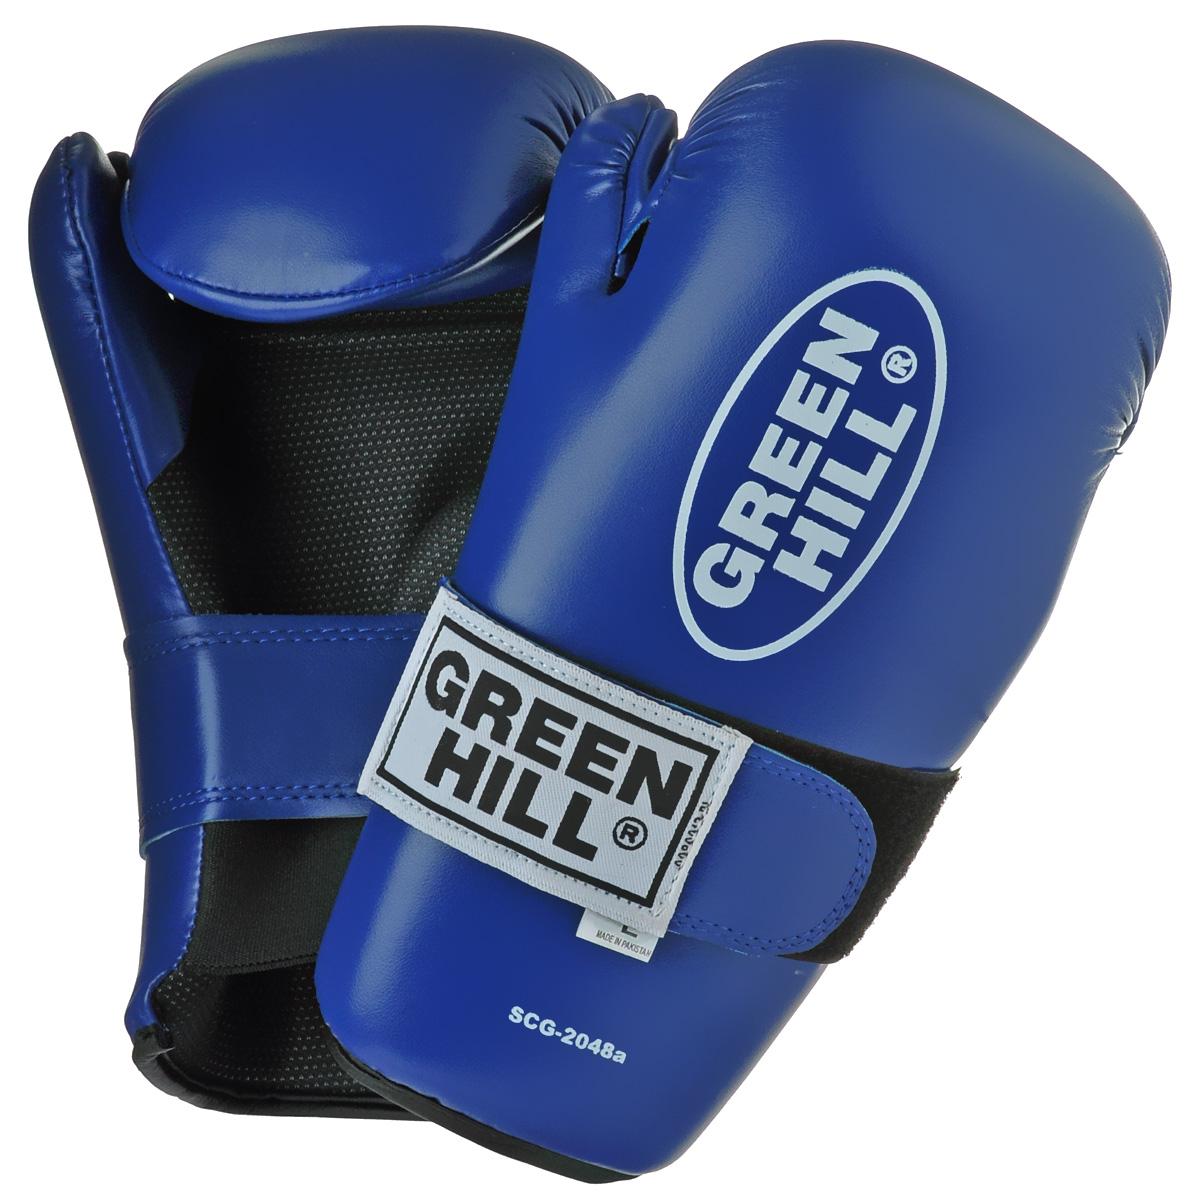 Перчатки для контактных единоборств Green Hill 7-contact, цвет: синий. Размер LSCG-2048cНакладки Green Hill 7-contact для контактных видов единоборств семиконтакт. Идеально подходят для обучения, спаррингов и соревнований. Перчатки выполнены из высококачественной. Широкий ремень, охватывая запястье, полностью оборачивается вокруг манжеты, благодаря чему создается дополнительная защита лучезапястного сустава от травмирования. Застежка на липучке способствует быстрому и удобному одеванию перчаток, плотно фиксирует перчатки на руке.